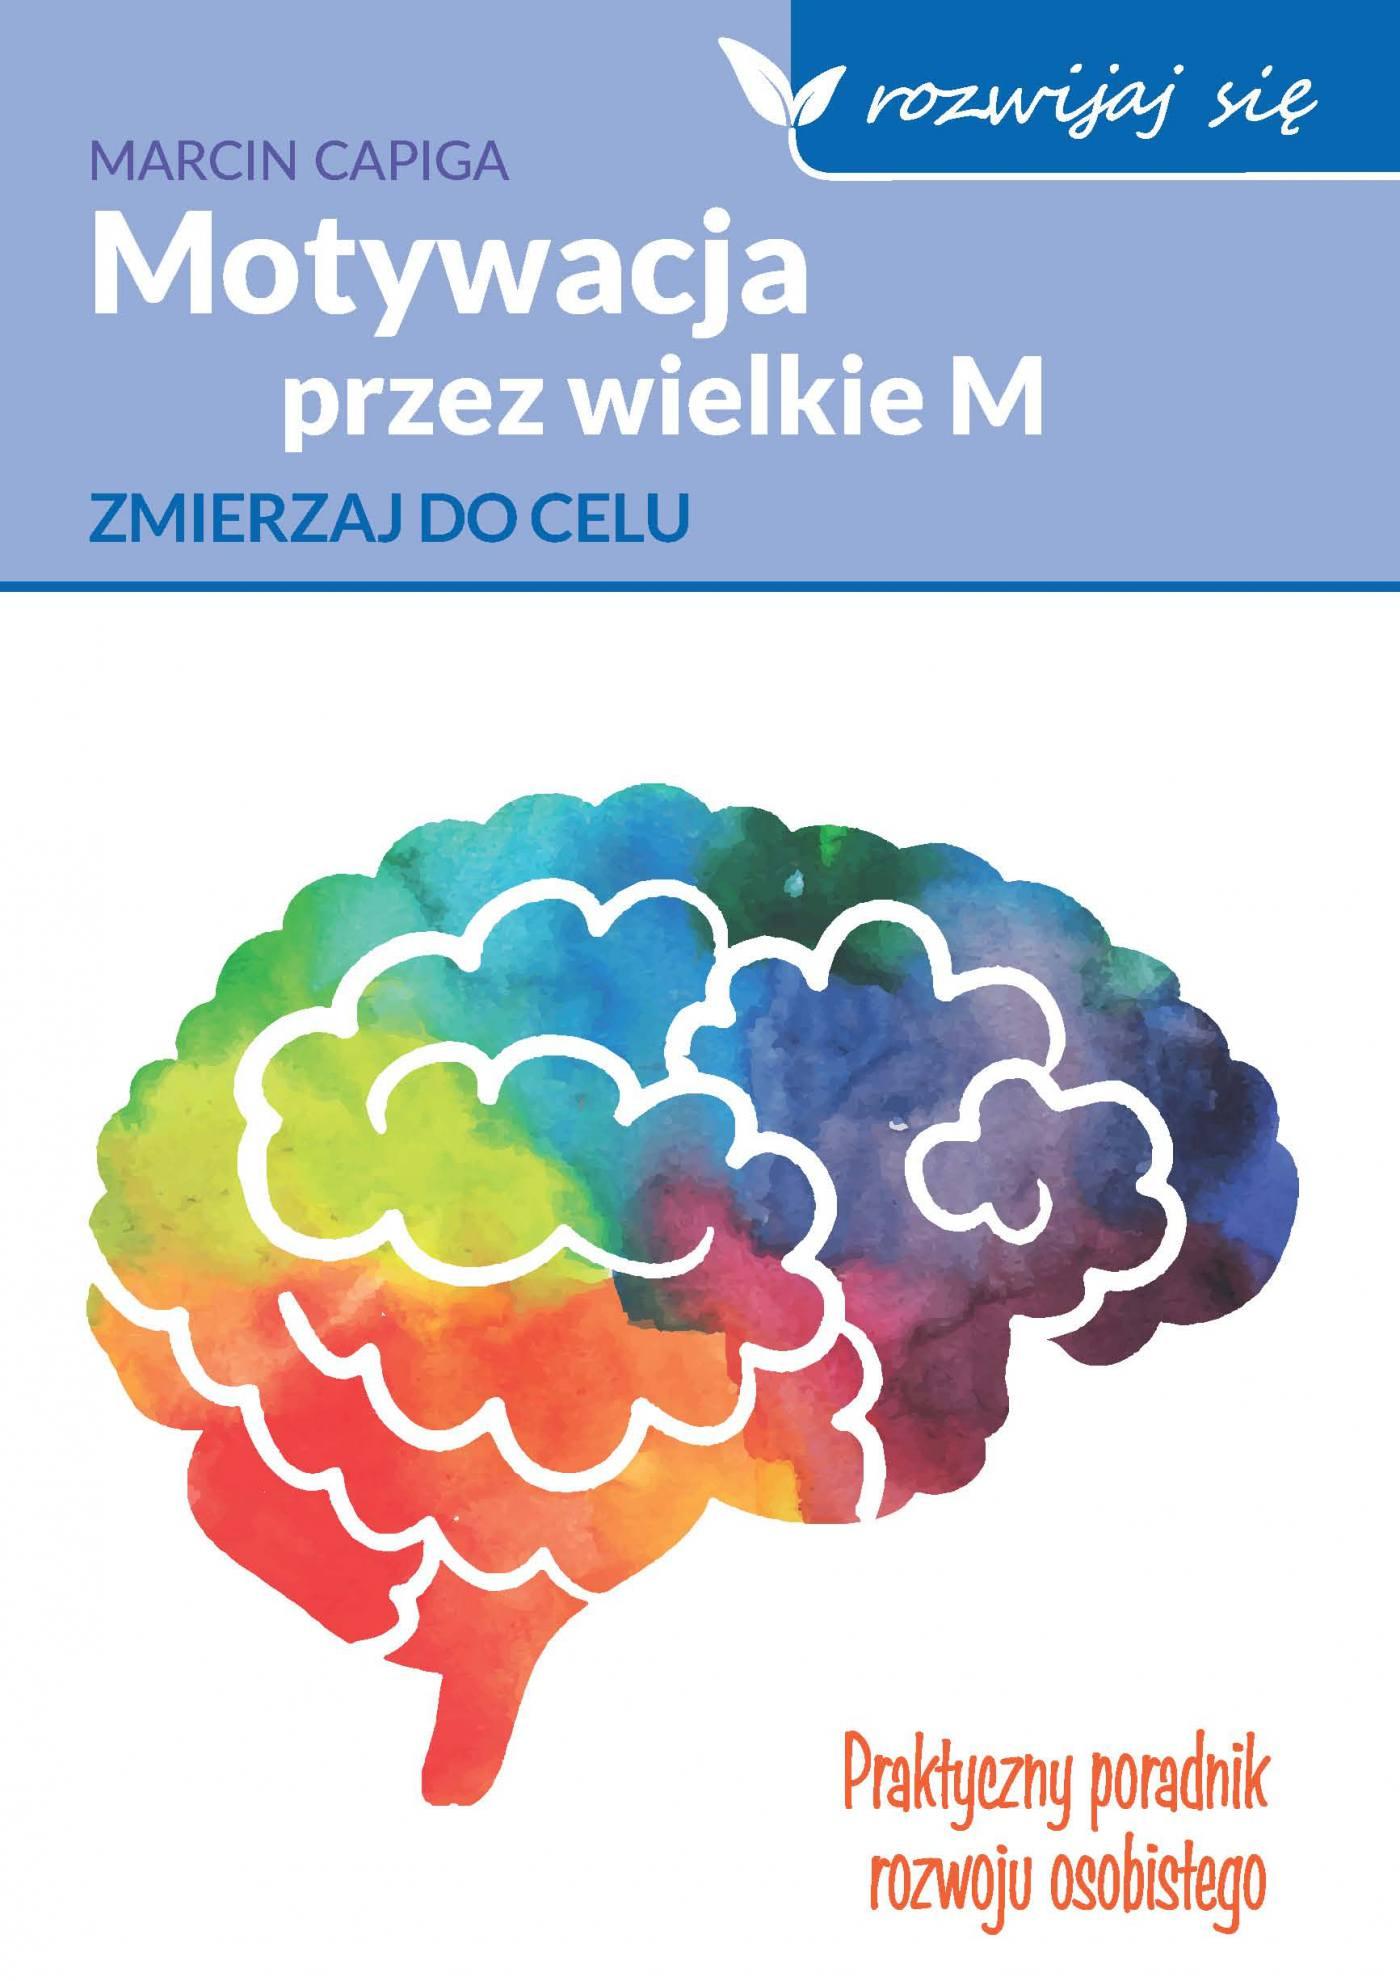 Motywacja przez wielkie M - Ebook (Książka EPUB) do pobrania w formacie EPUB